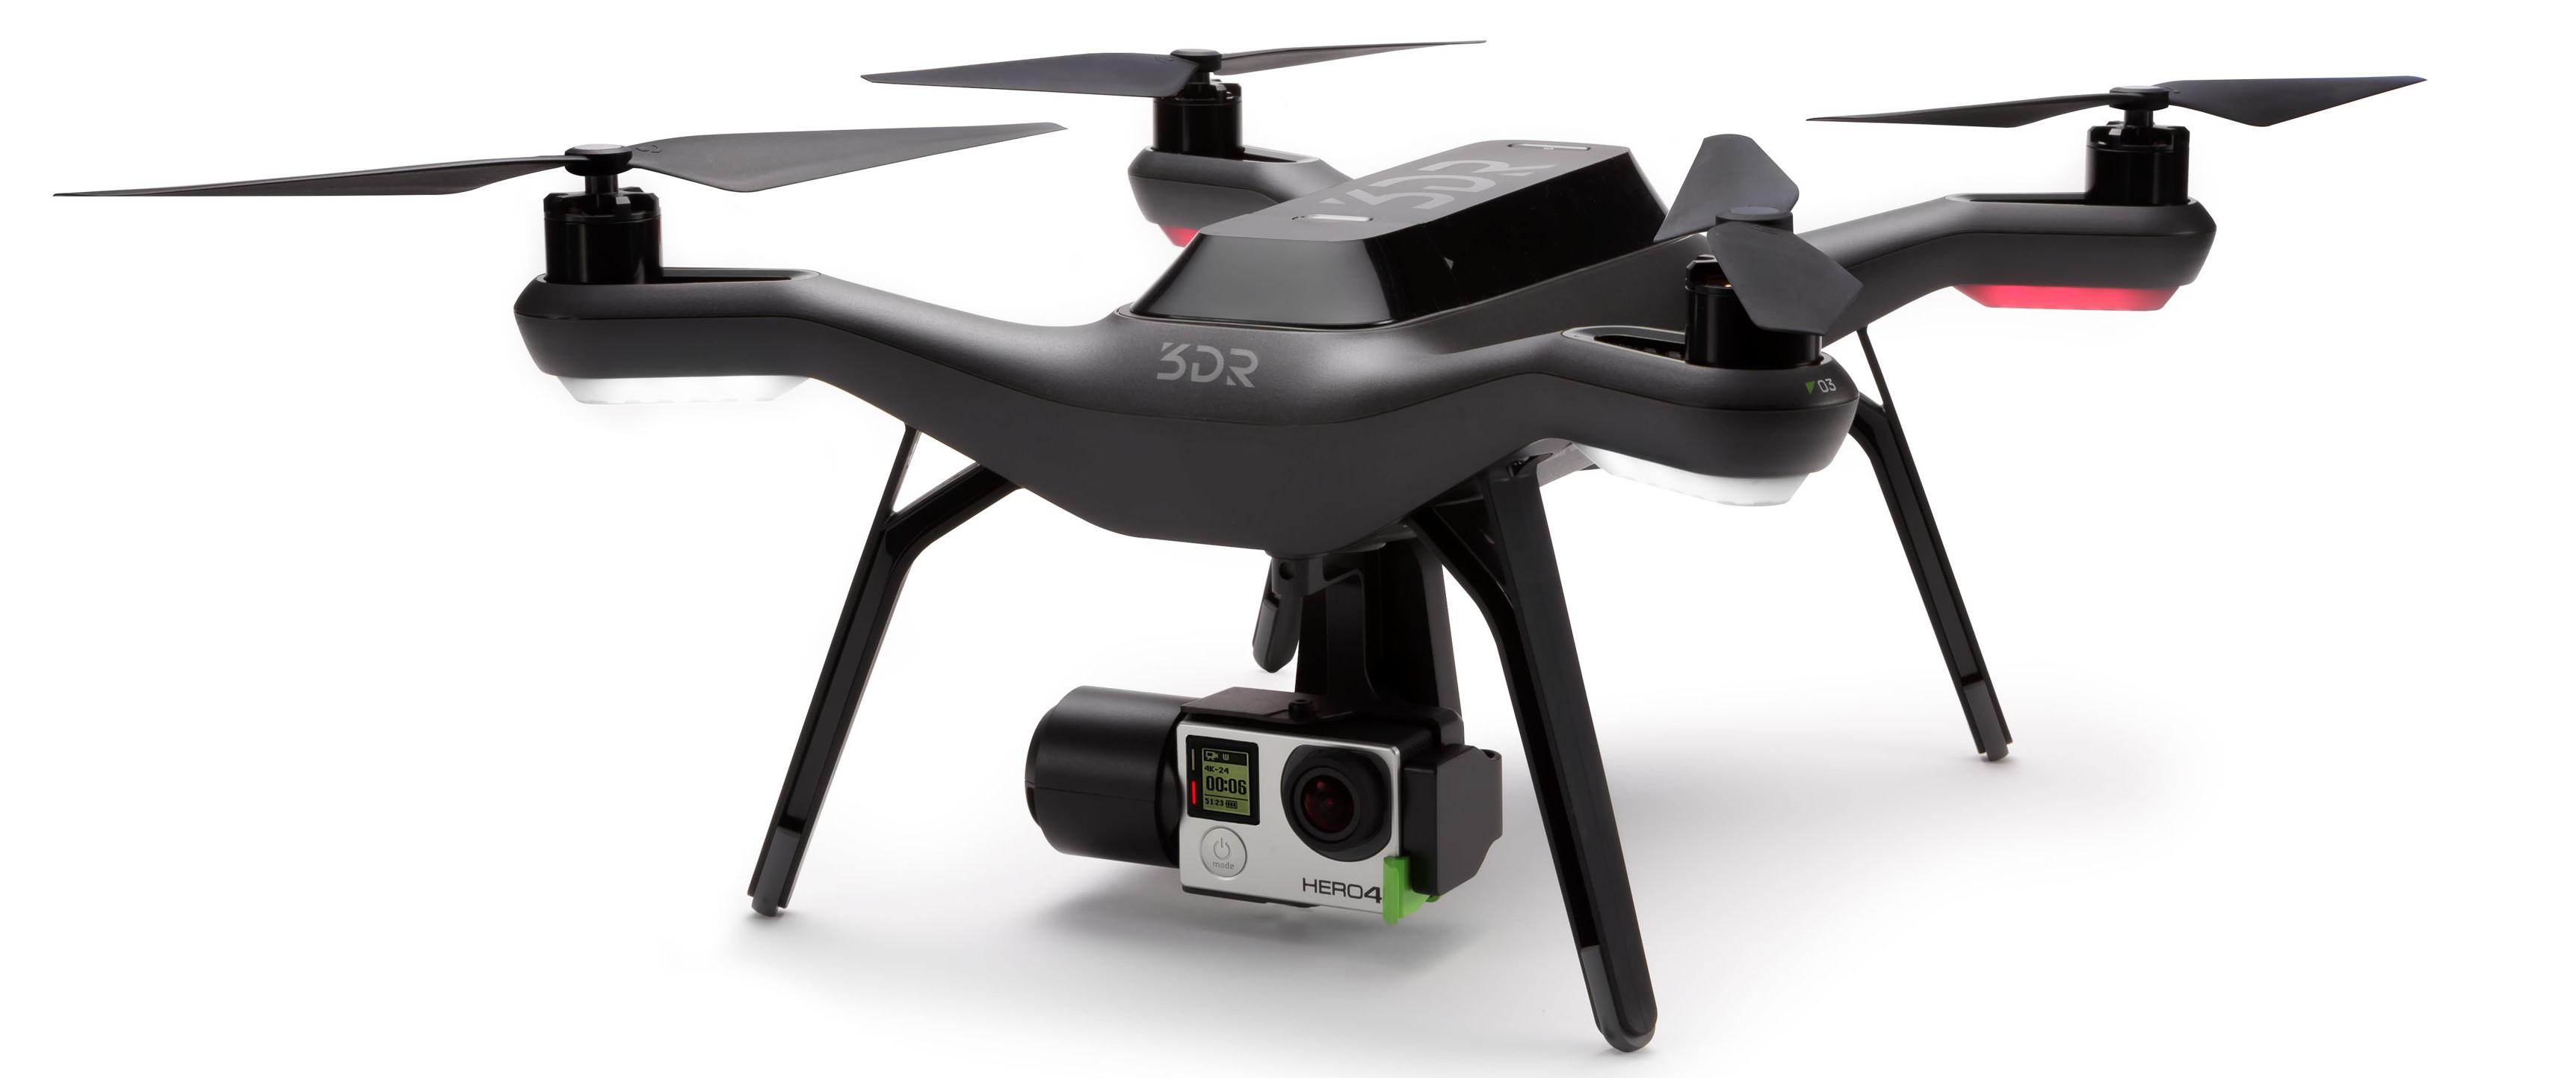 Купить квадрокоптер с камерой эльдорадо купить очки гуглес на ebay в иваново